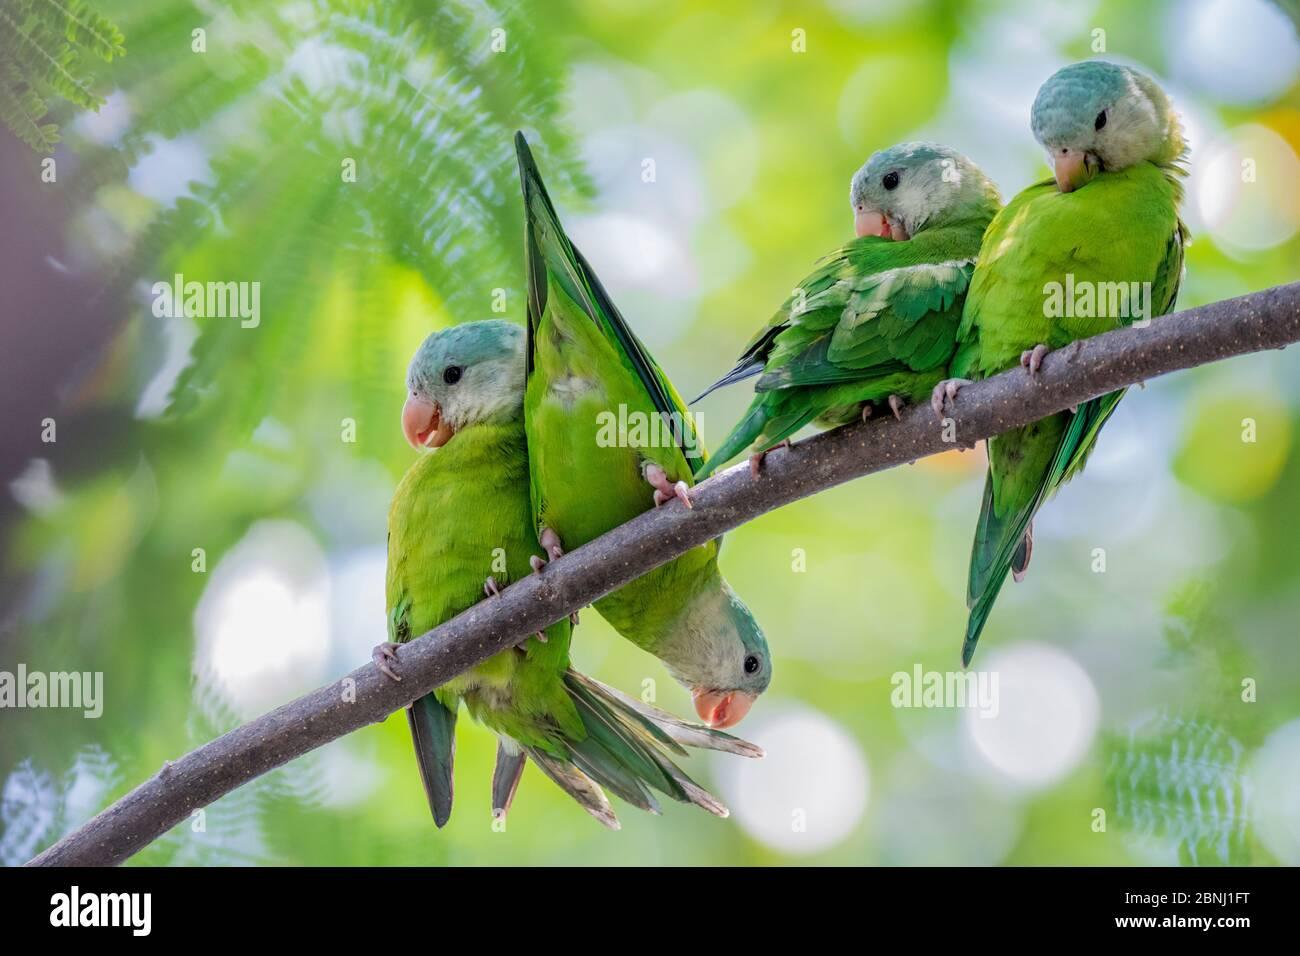 Parakeets de queso gris (Brogeris pyrrrrhoptera) posados y arreglo personal en una rama. Guayaquil, Guayas, Ecuador. Foto de stock